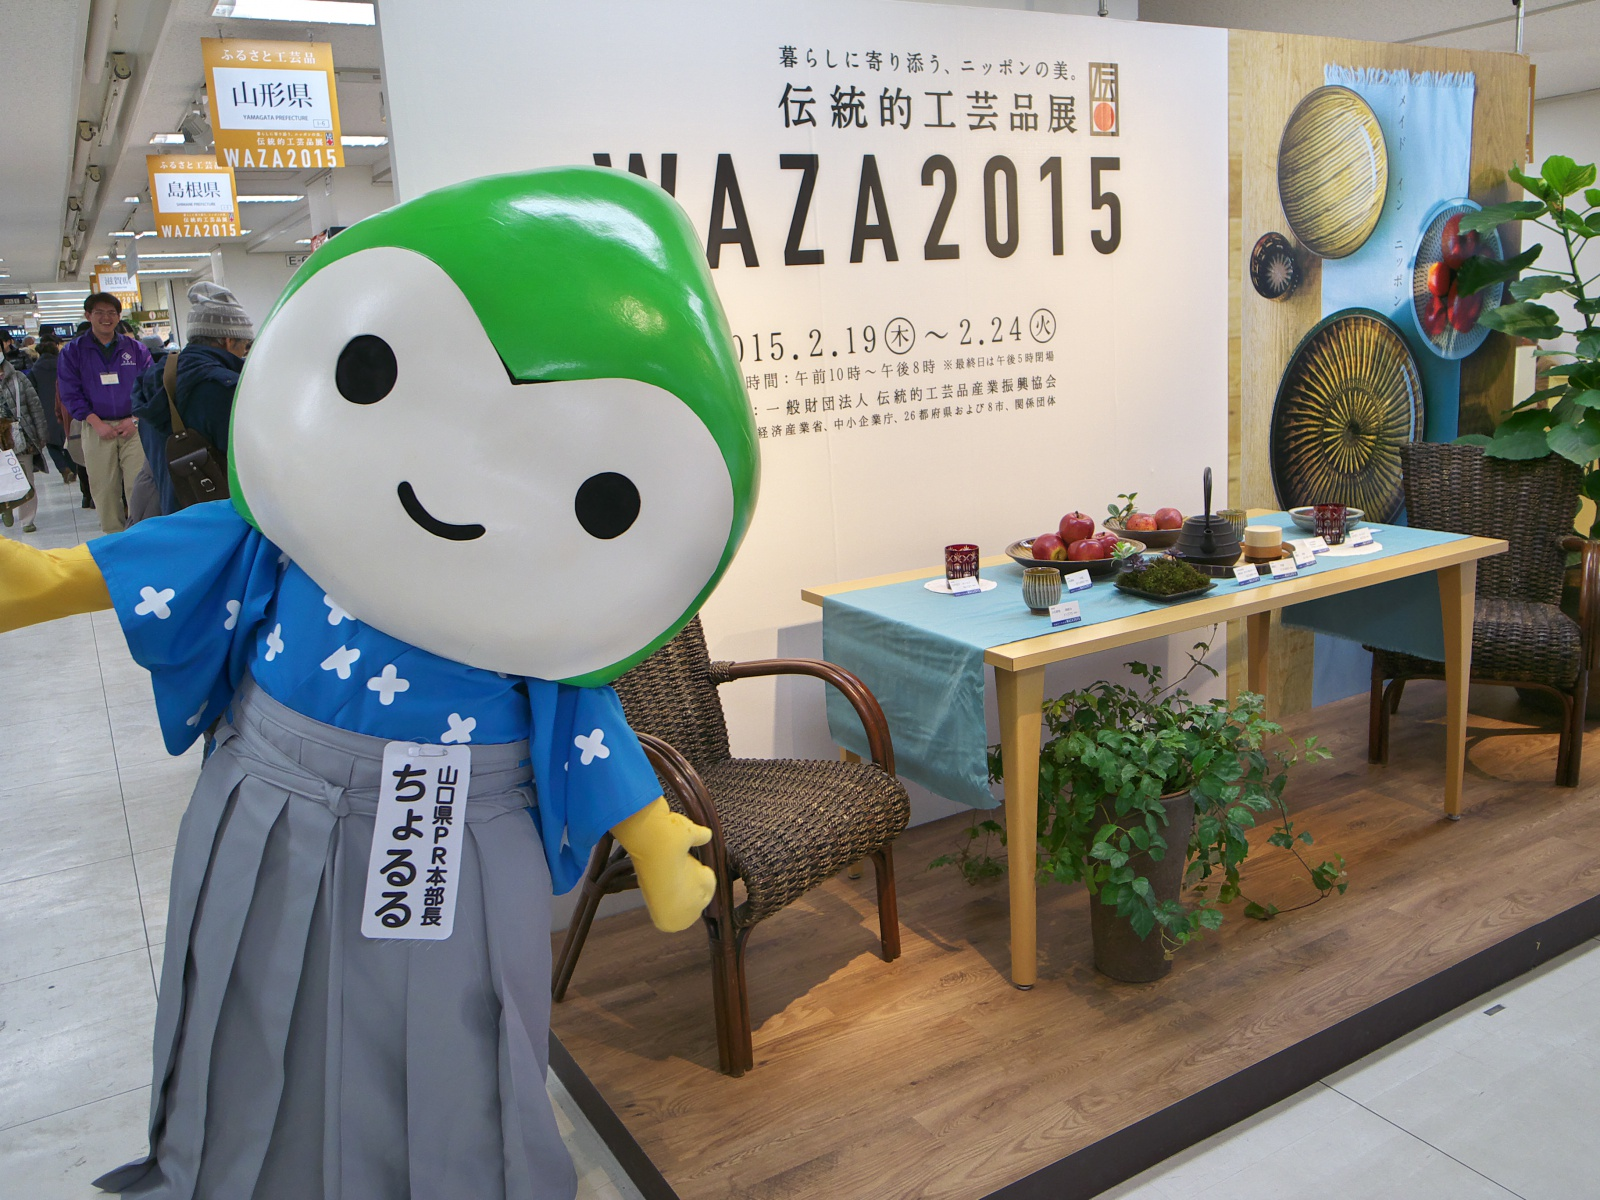 「伝統的工芸品展WAZA2015」でやまぐちのWAZAをPRしたよ!